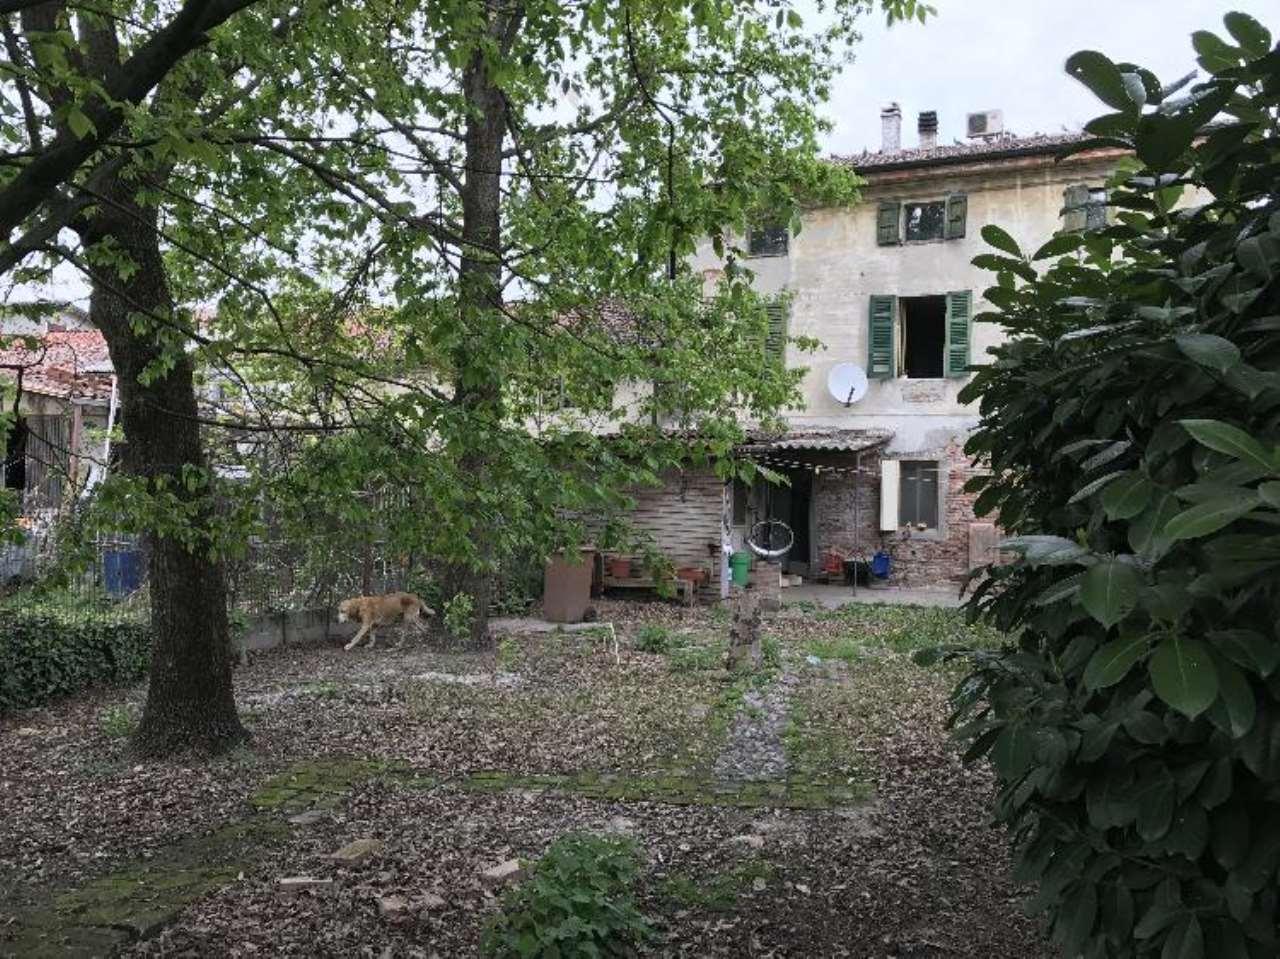 Soluzione Indipendente in vendita a Stagno Lombardo, 5 locali, prezzo € 98.000 | Cambio Casa.it